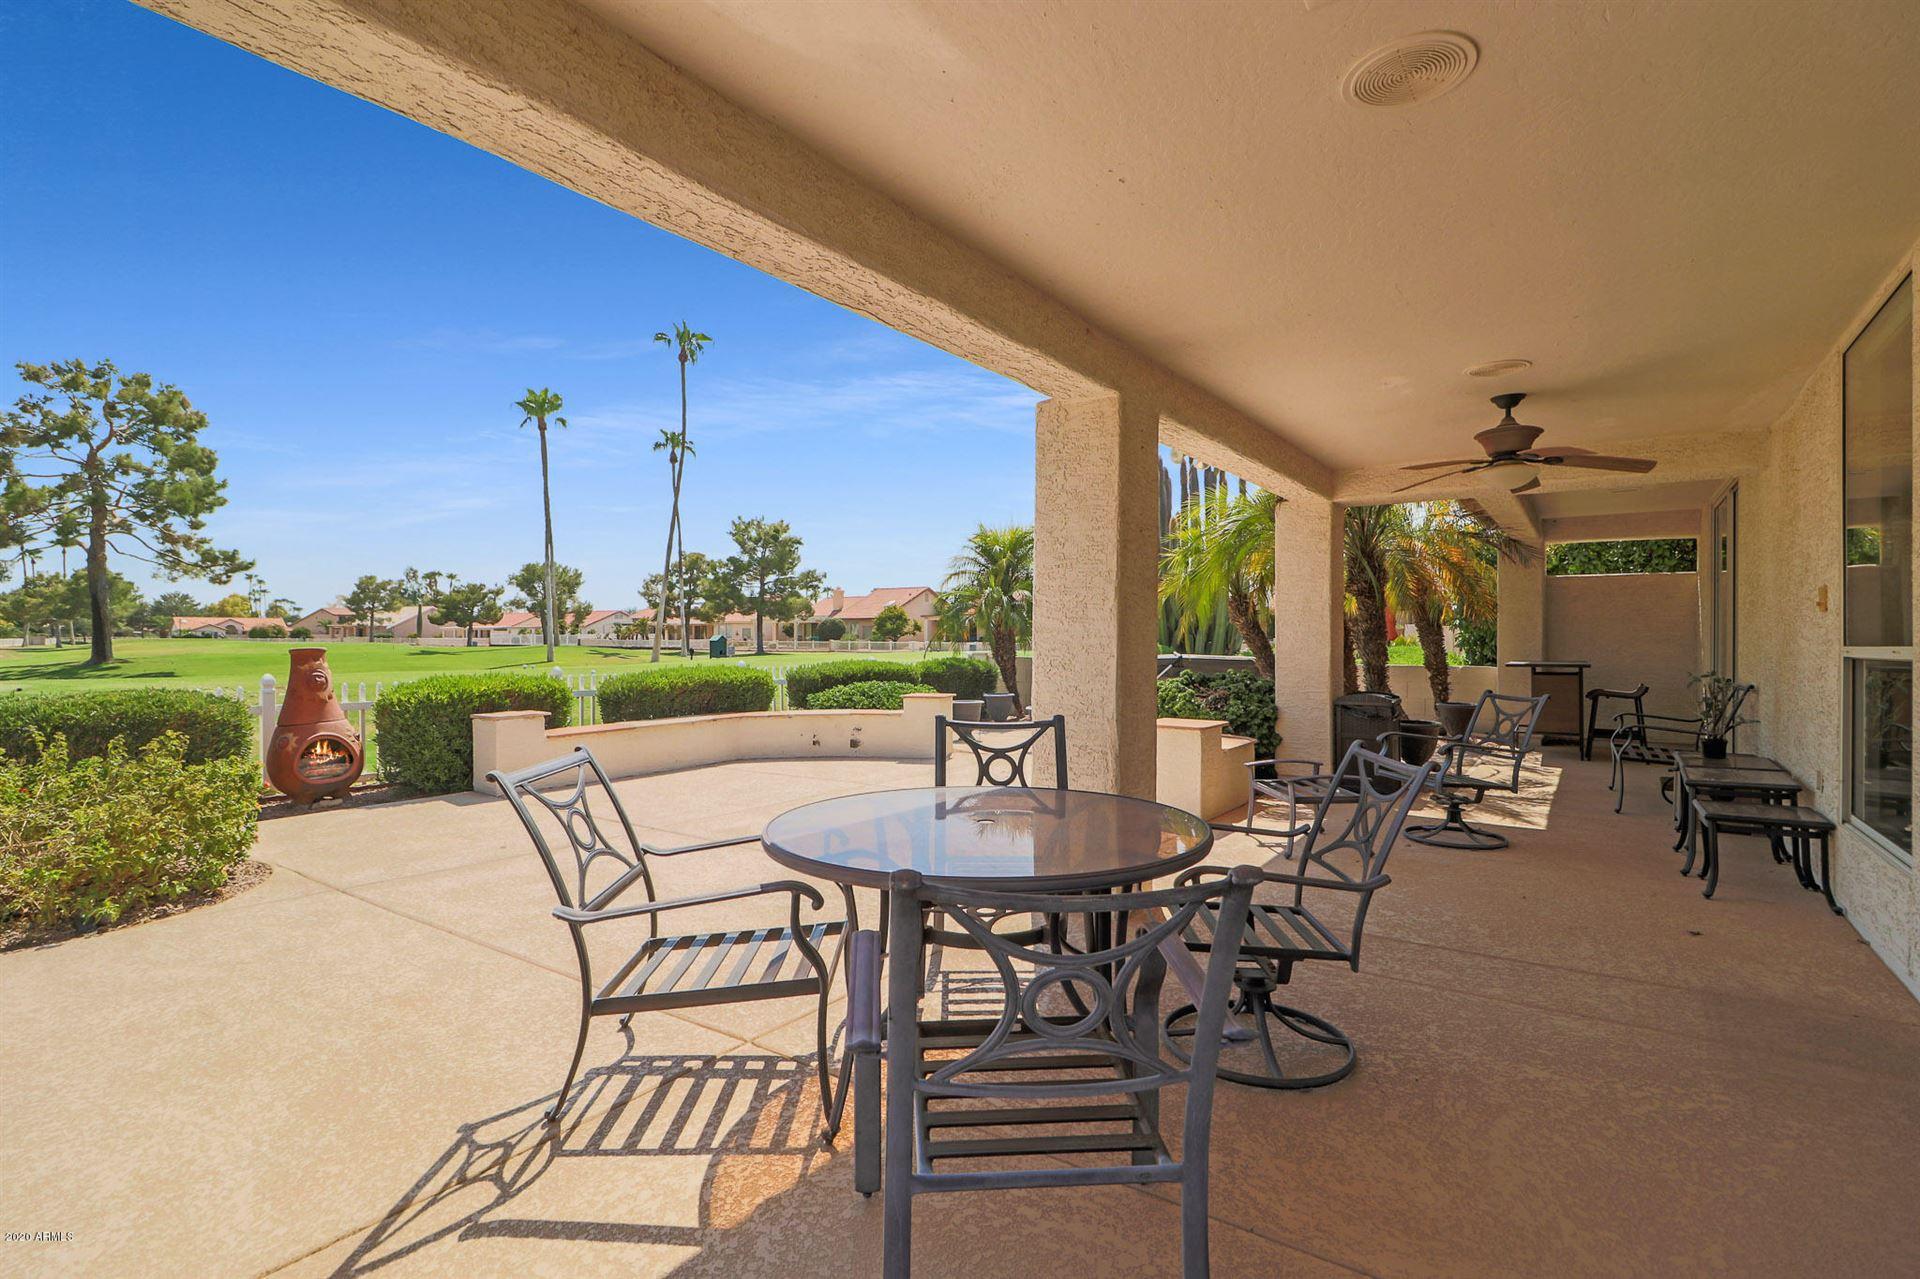 10837 E MINNESOTA Avenue, Sun Lakes, AZ 85248 - MLS#: 6118283